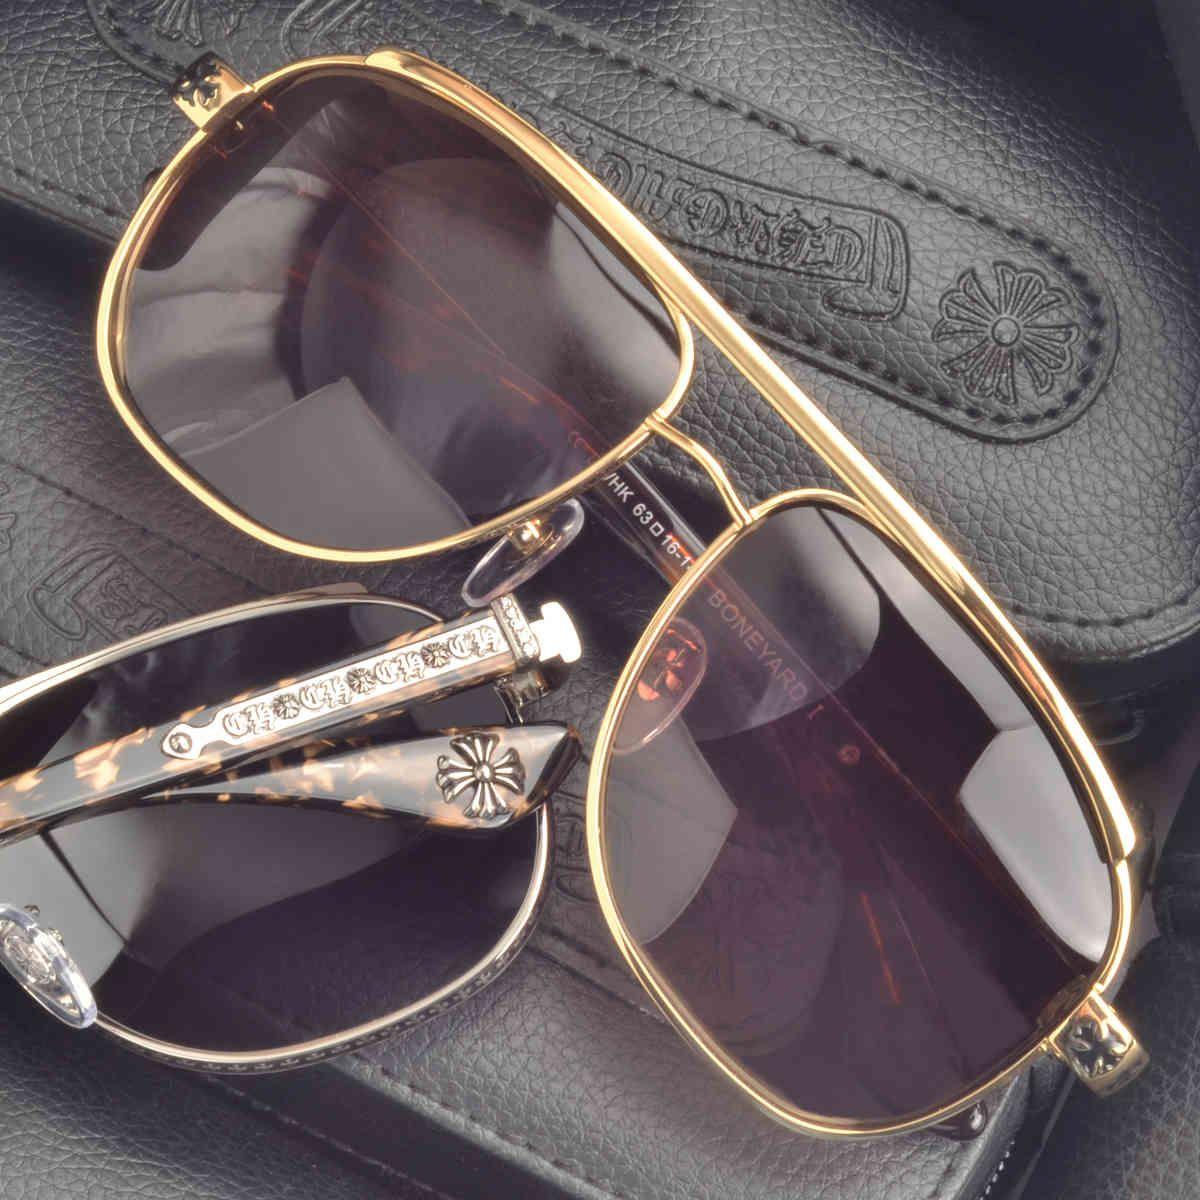 Punk Luo Xinchao Güneş Gözlüğü Adam Kişilik Sürüş Polarize Toad Gözlük Yakın Geçişli Güneş Gözlüğü Sürücü Sürüş Gözlük